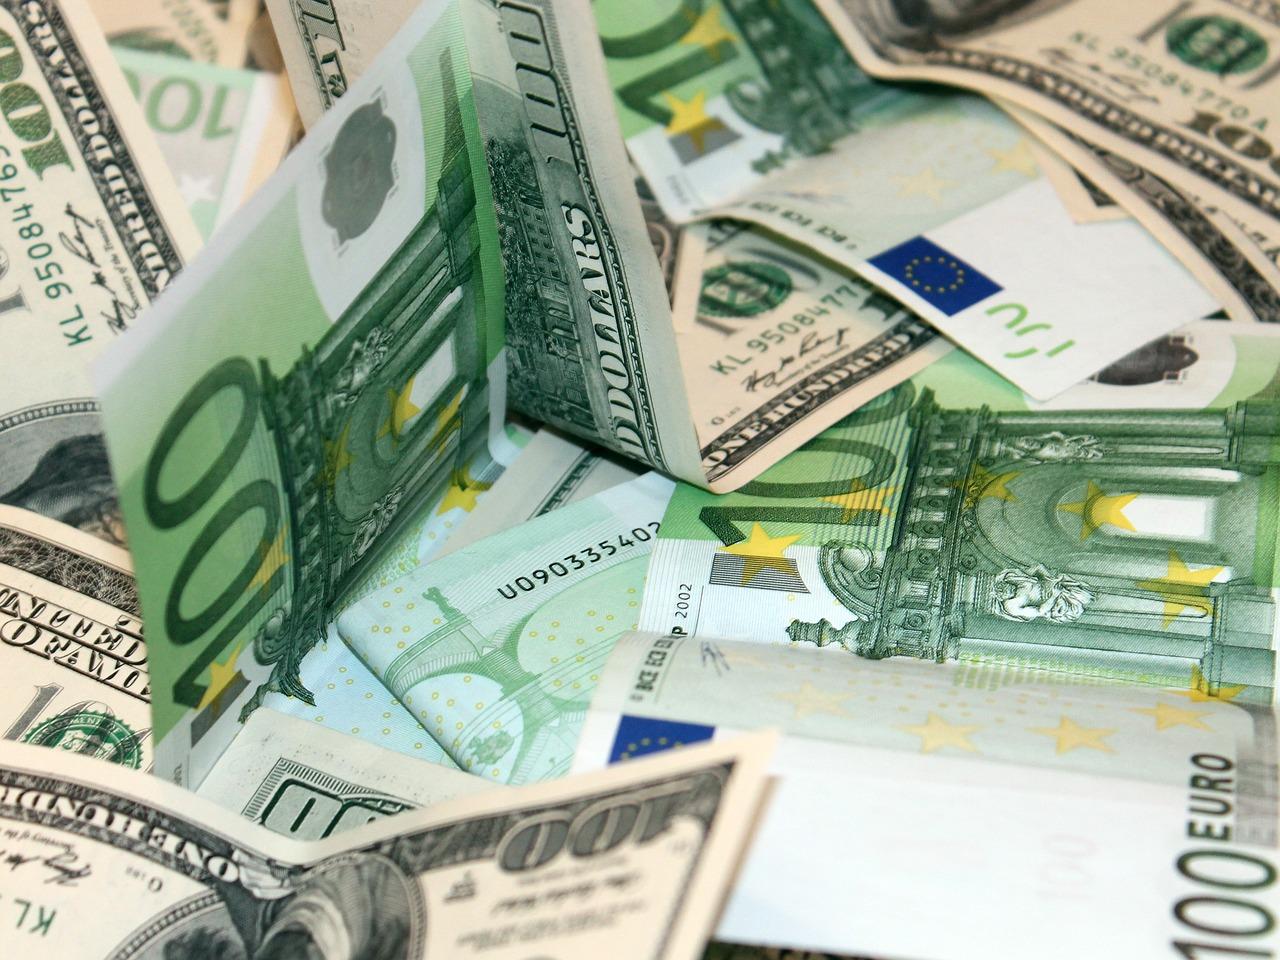 Деньги евро и доллары картинки